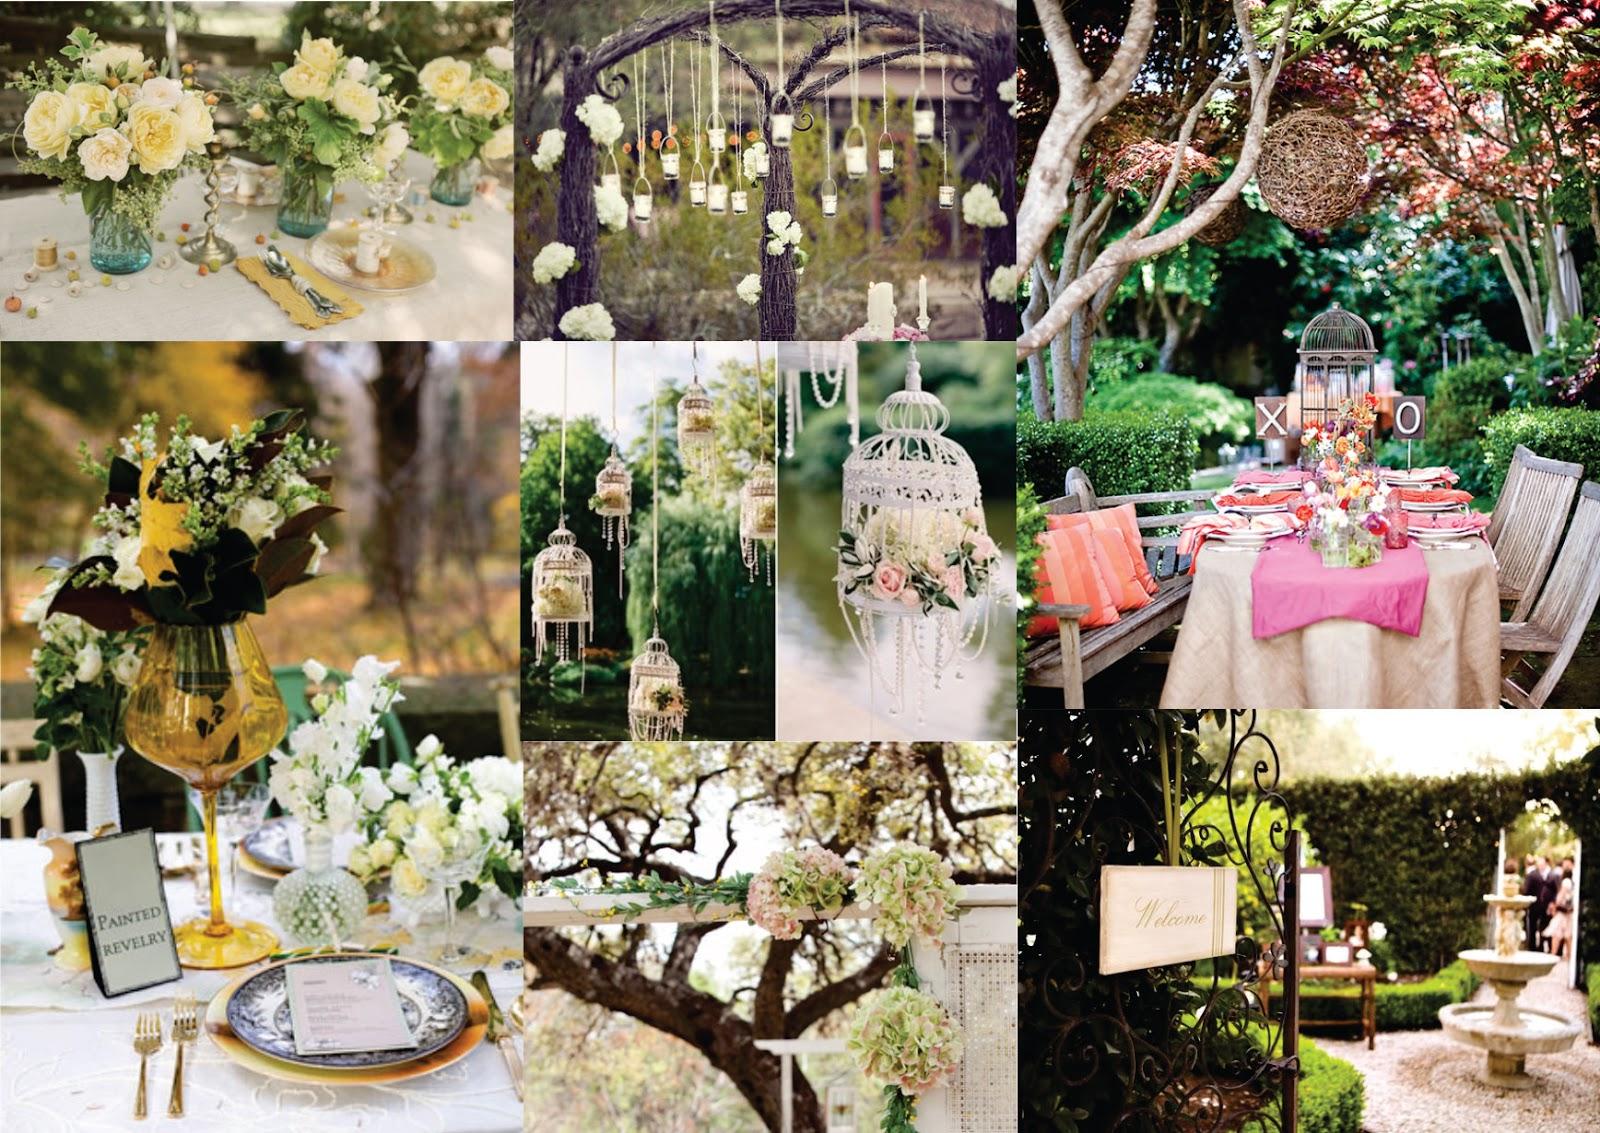 decoracao jardim encantado vintage : decoracao jardim encantado vintage:Jardim Encantado